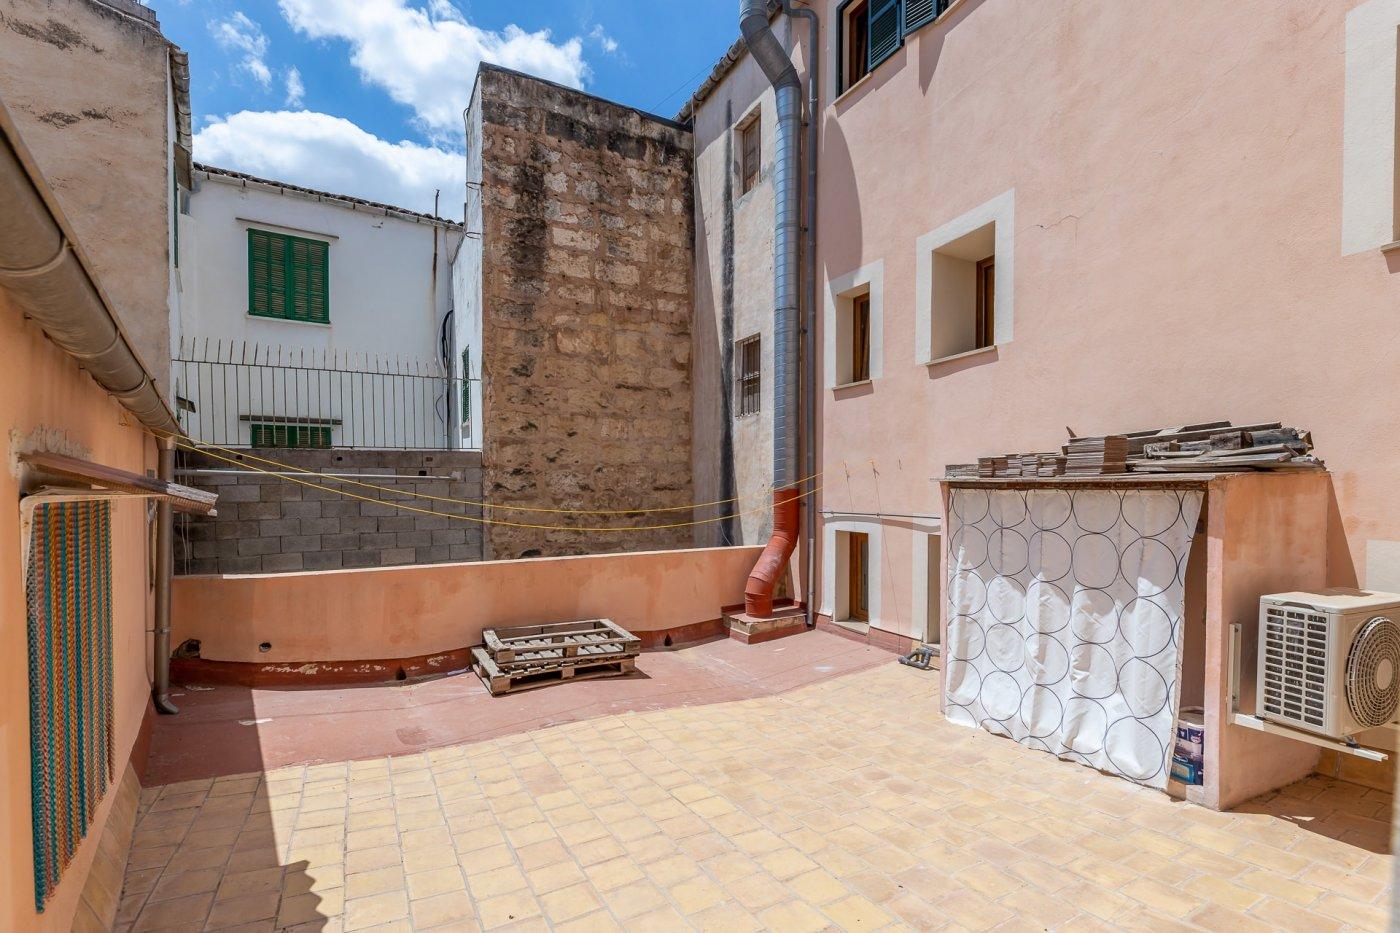 Piso tres habitaciones y amplia terraza en el centro de inca - imagenInmueble21